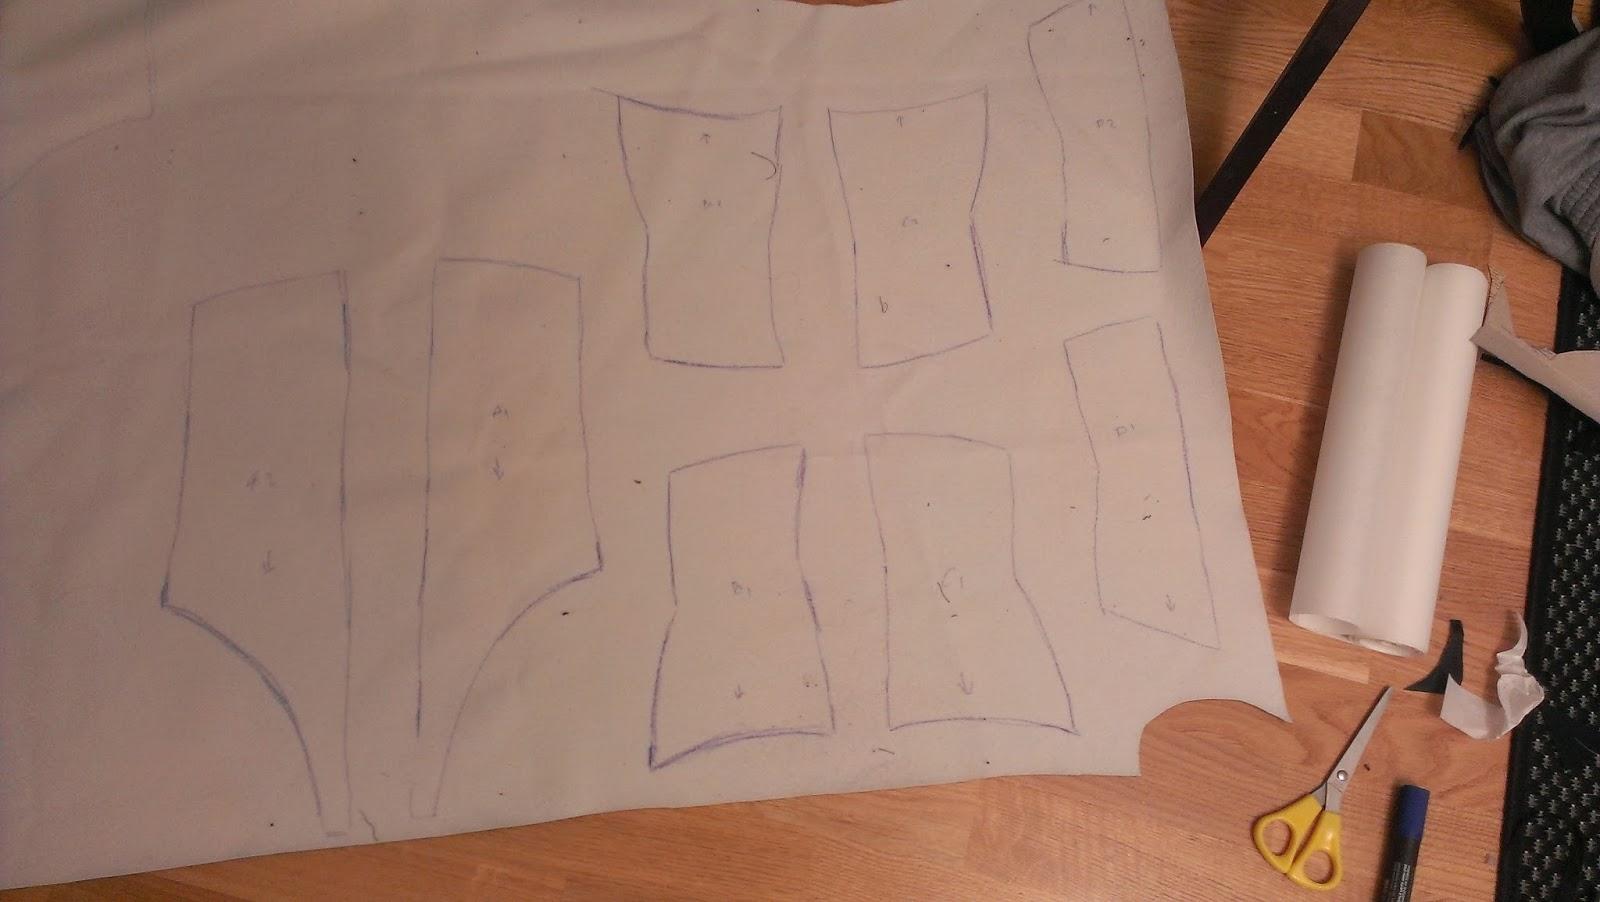 Chrix Design: Morrigan corset